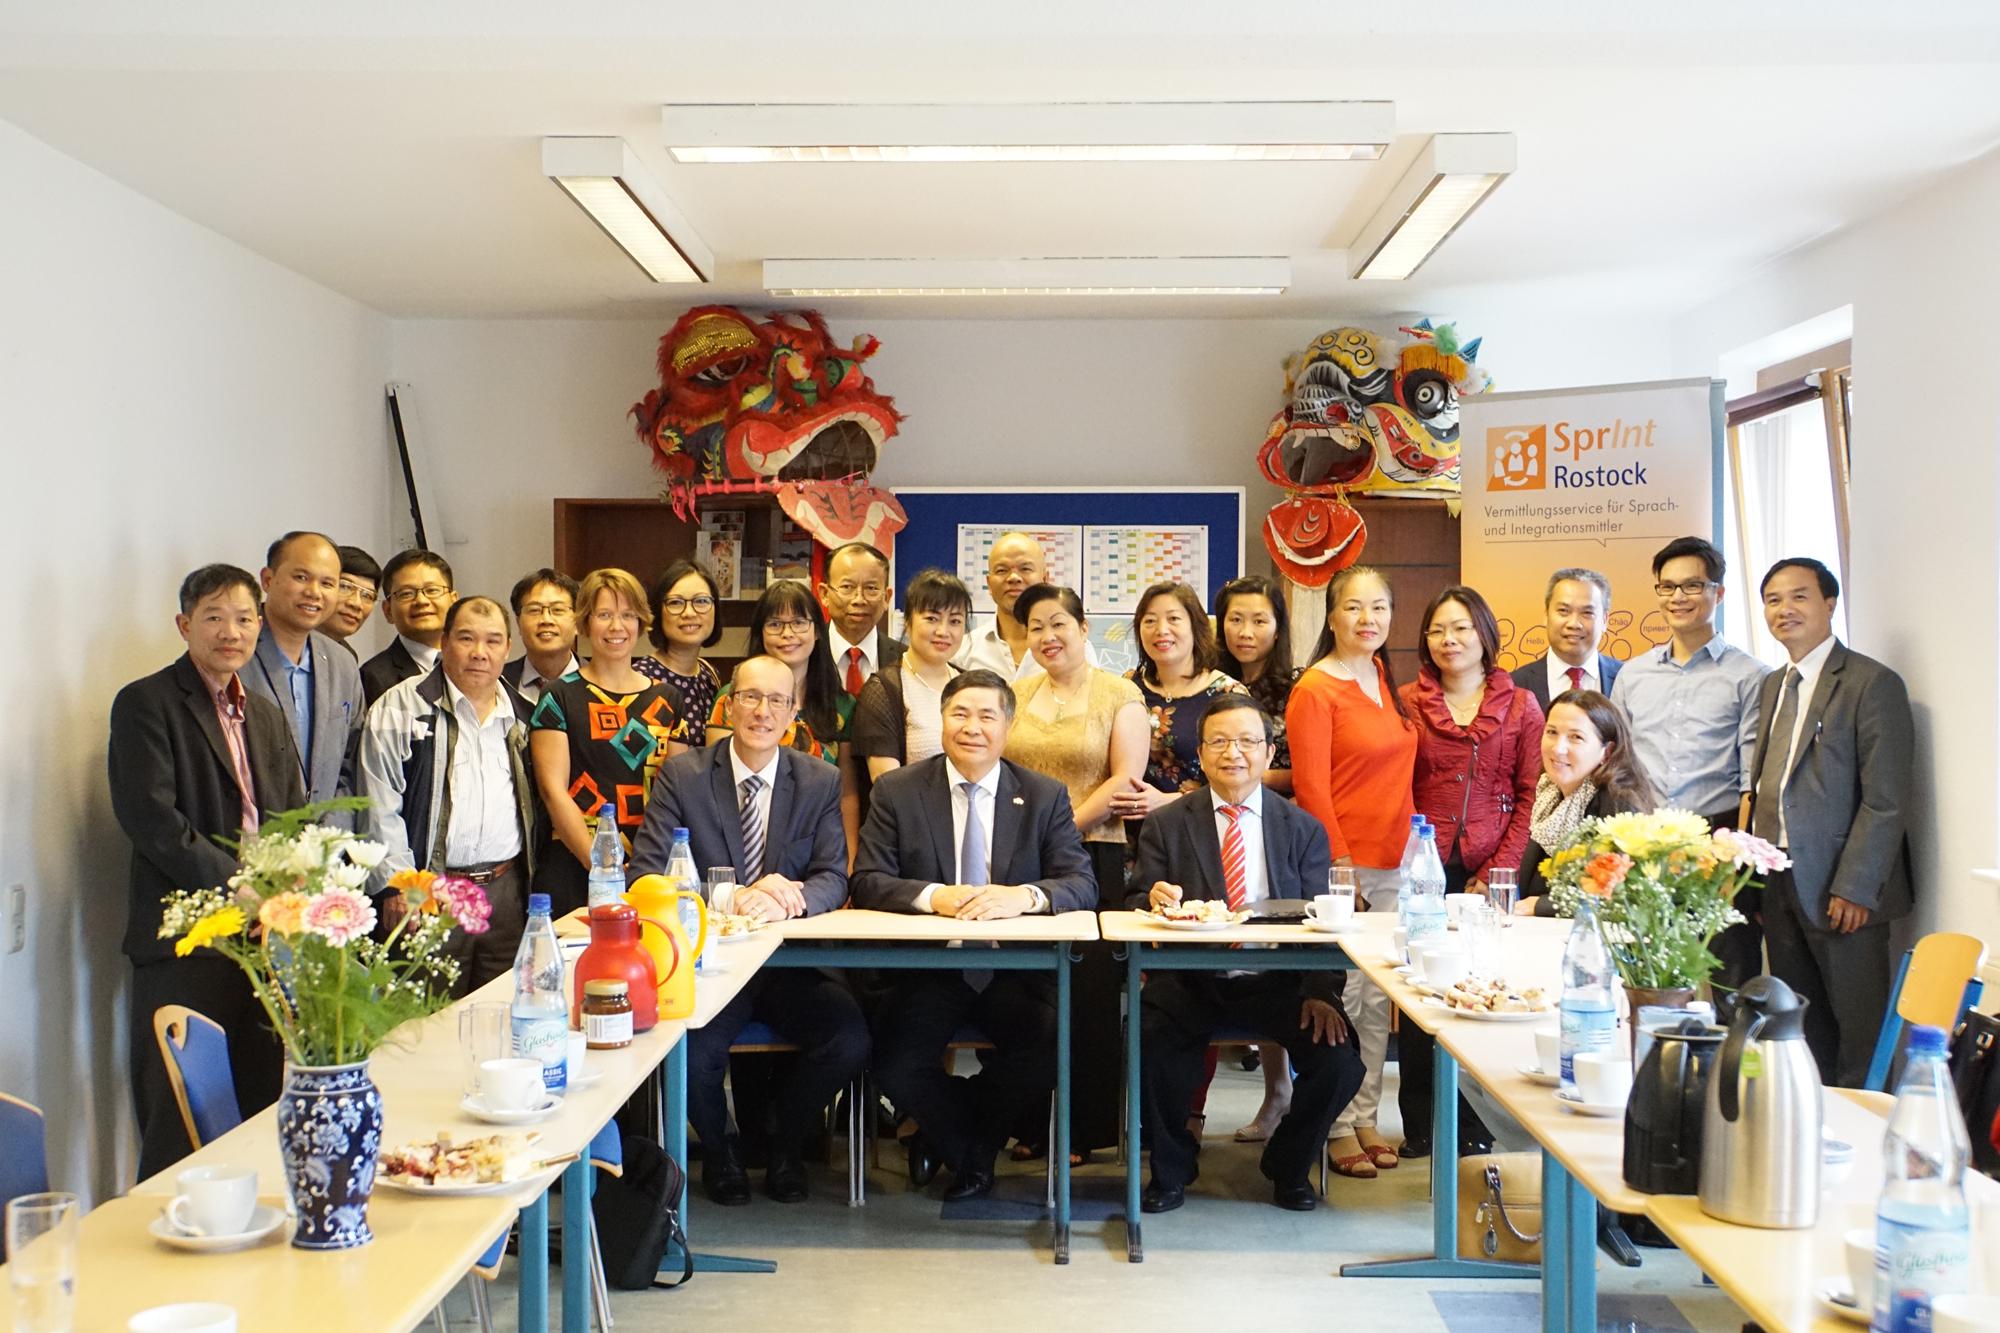 Vordere Reihe (sitzend) v.l.n.r.: Peter Stein (MdB), Botschafter Doan Xuan Hung, Vereinsworsitzender Nguyen Duy Long und Integrationsbeauftragte Stephanie Nelles.